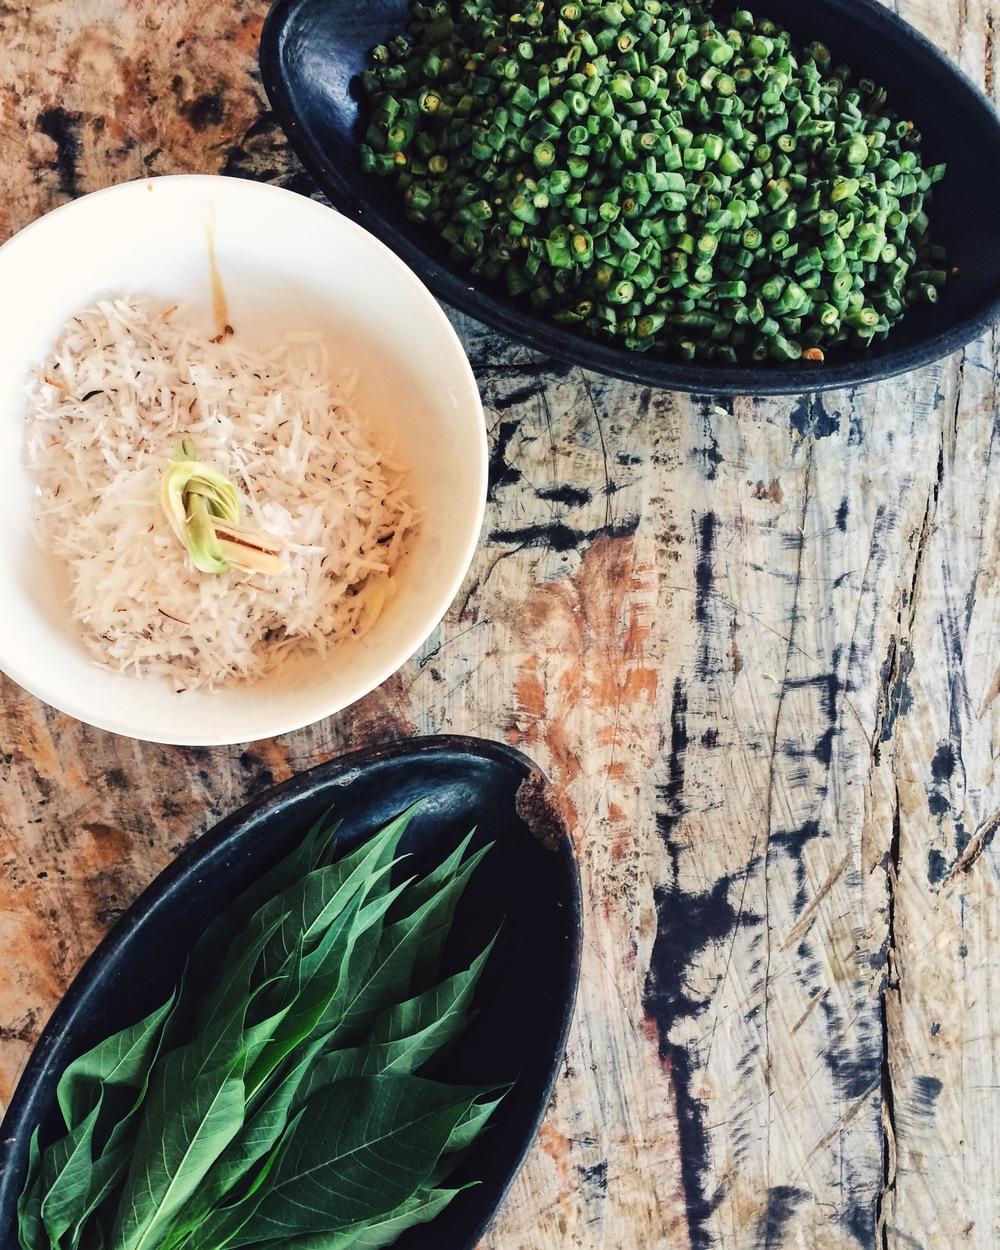 Ingredientes para el jukut urab: coco rallado, lemongrass, hojas de cassava y judías verdes